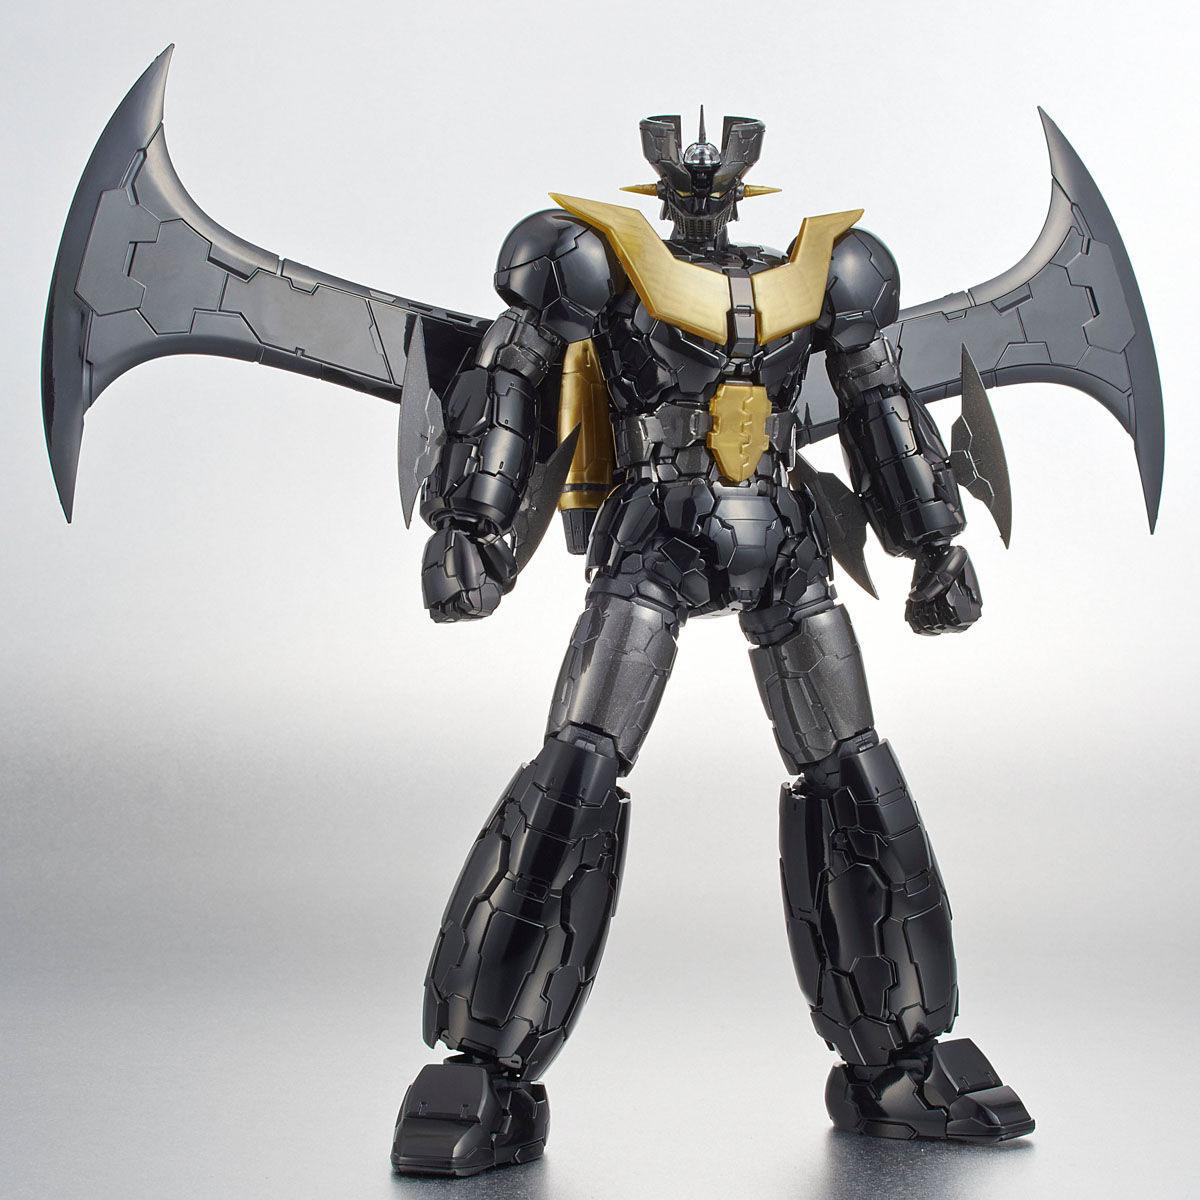 【限定販売】HG 1/144『マジンガーZ ブラックVer.(マジンガーZ INFINITY Ver.)』プラモデル-008